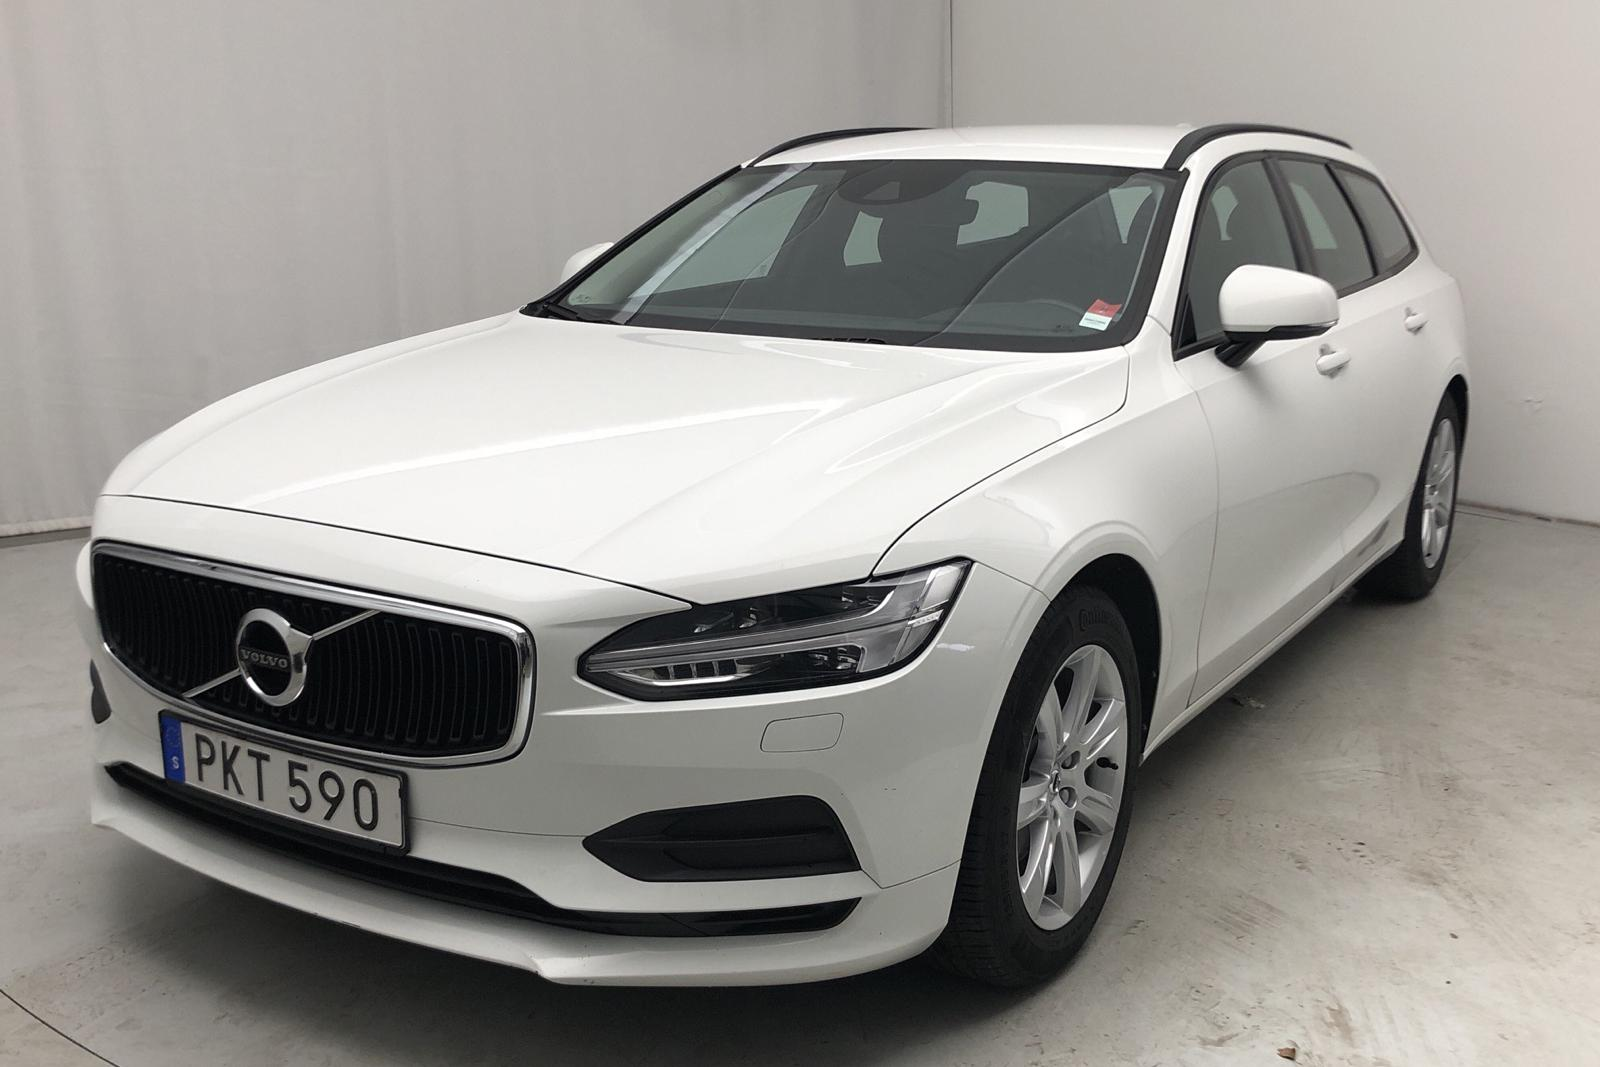 Volvo V90 D4 (190hk) - 0 km - Automatic - white - 2018